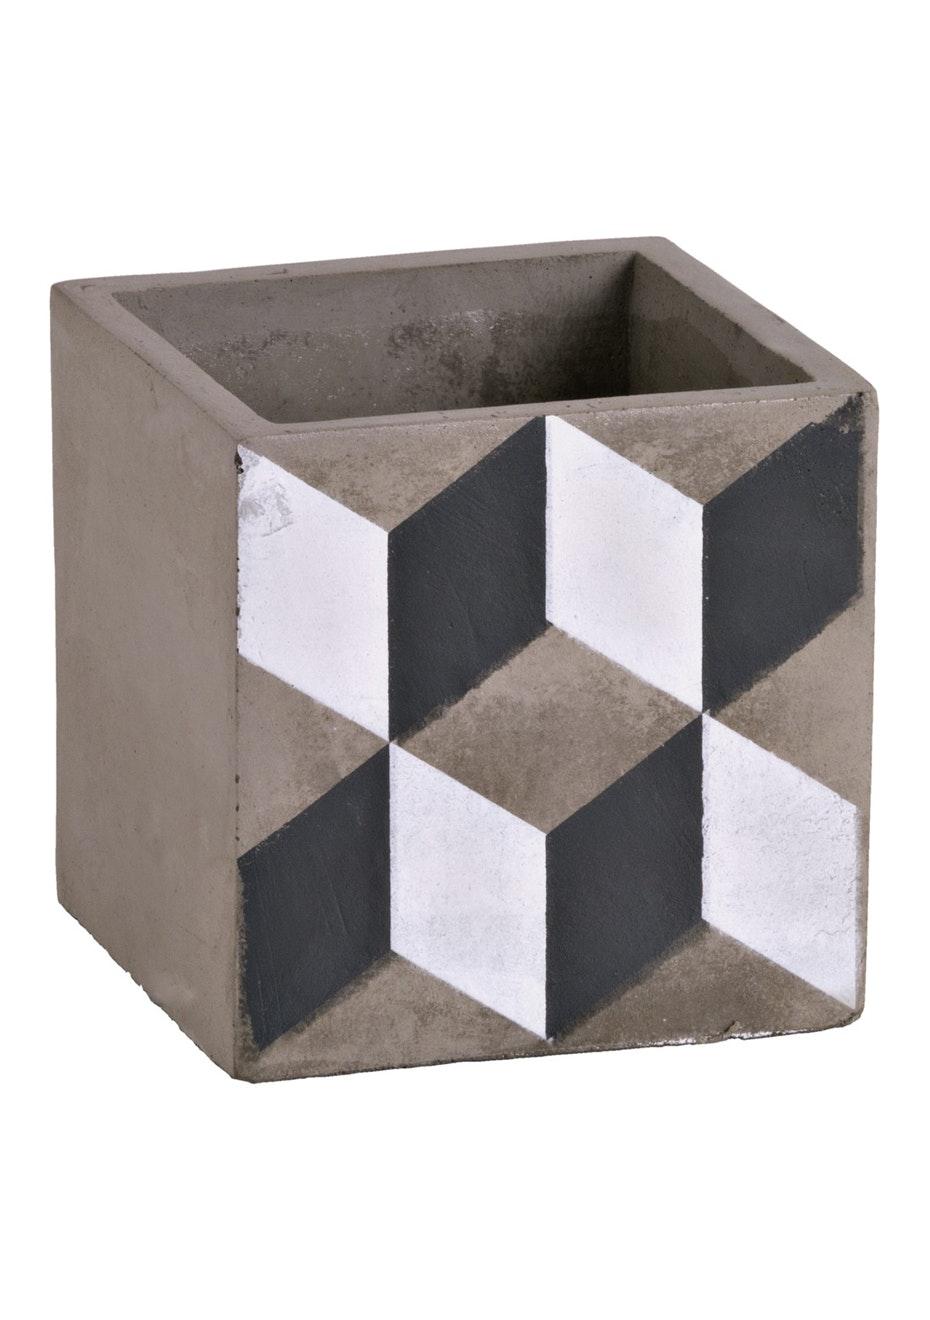 Jason - Concrete geo pattern planter - Printed Concrete